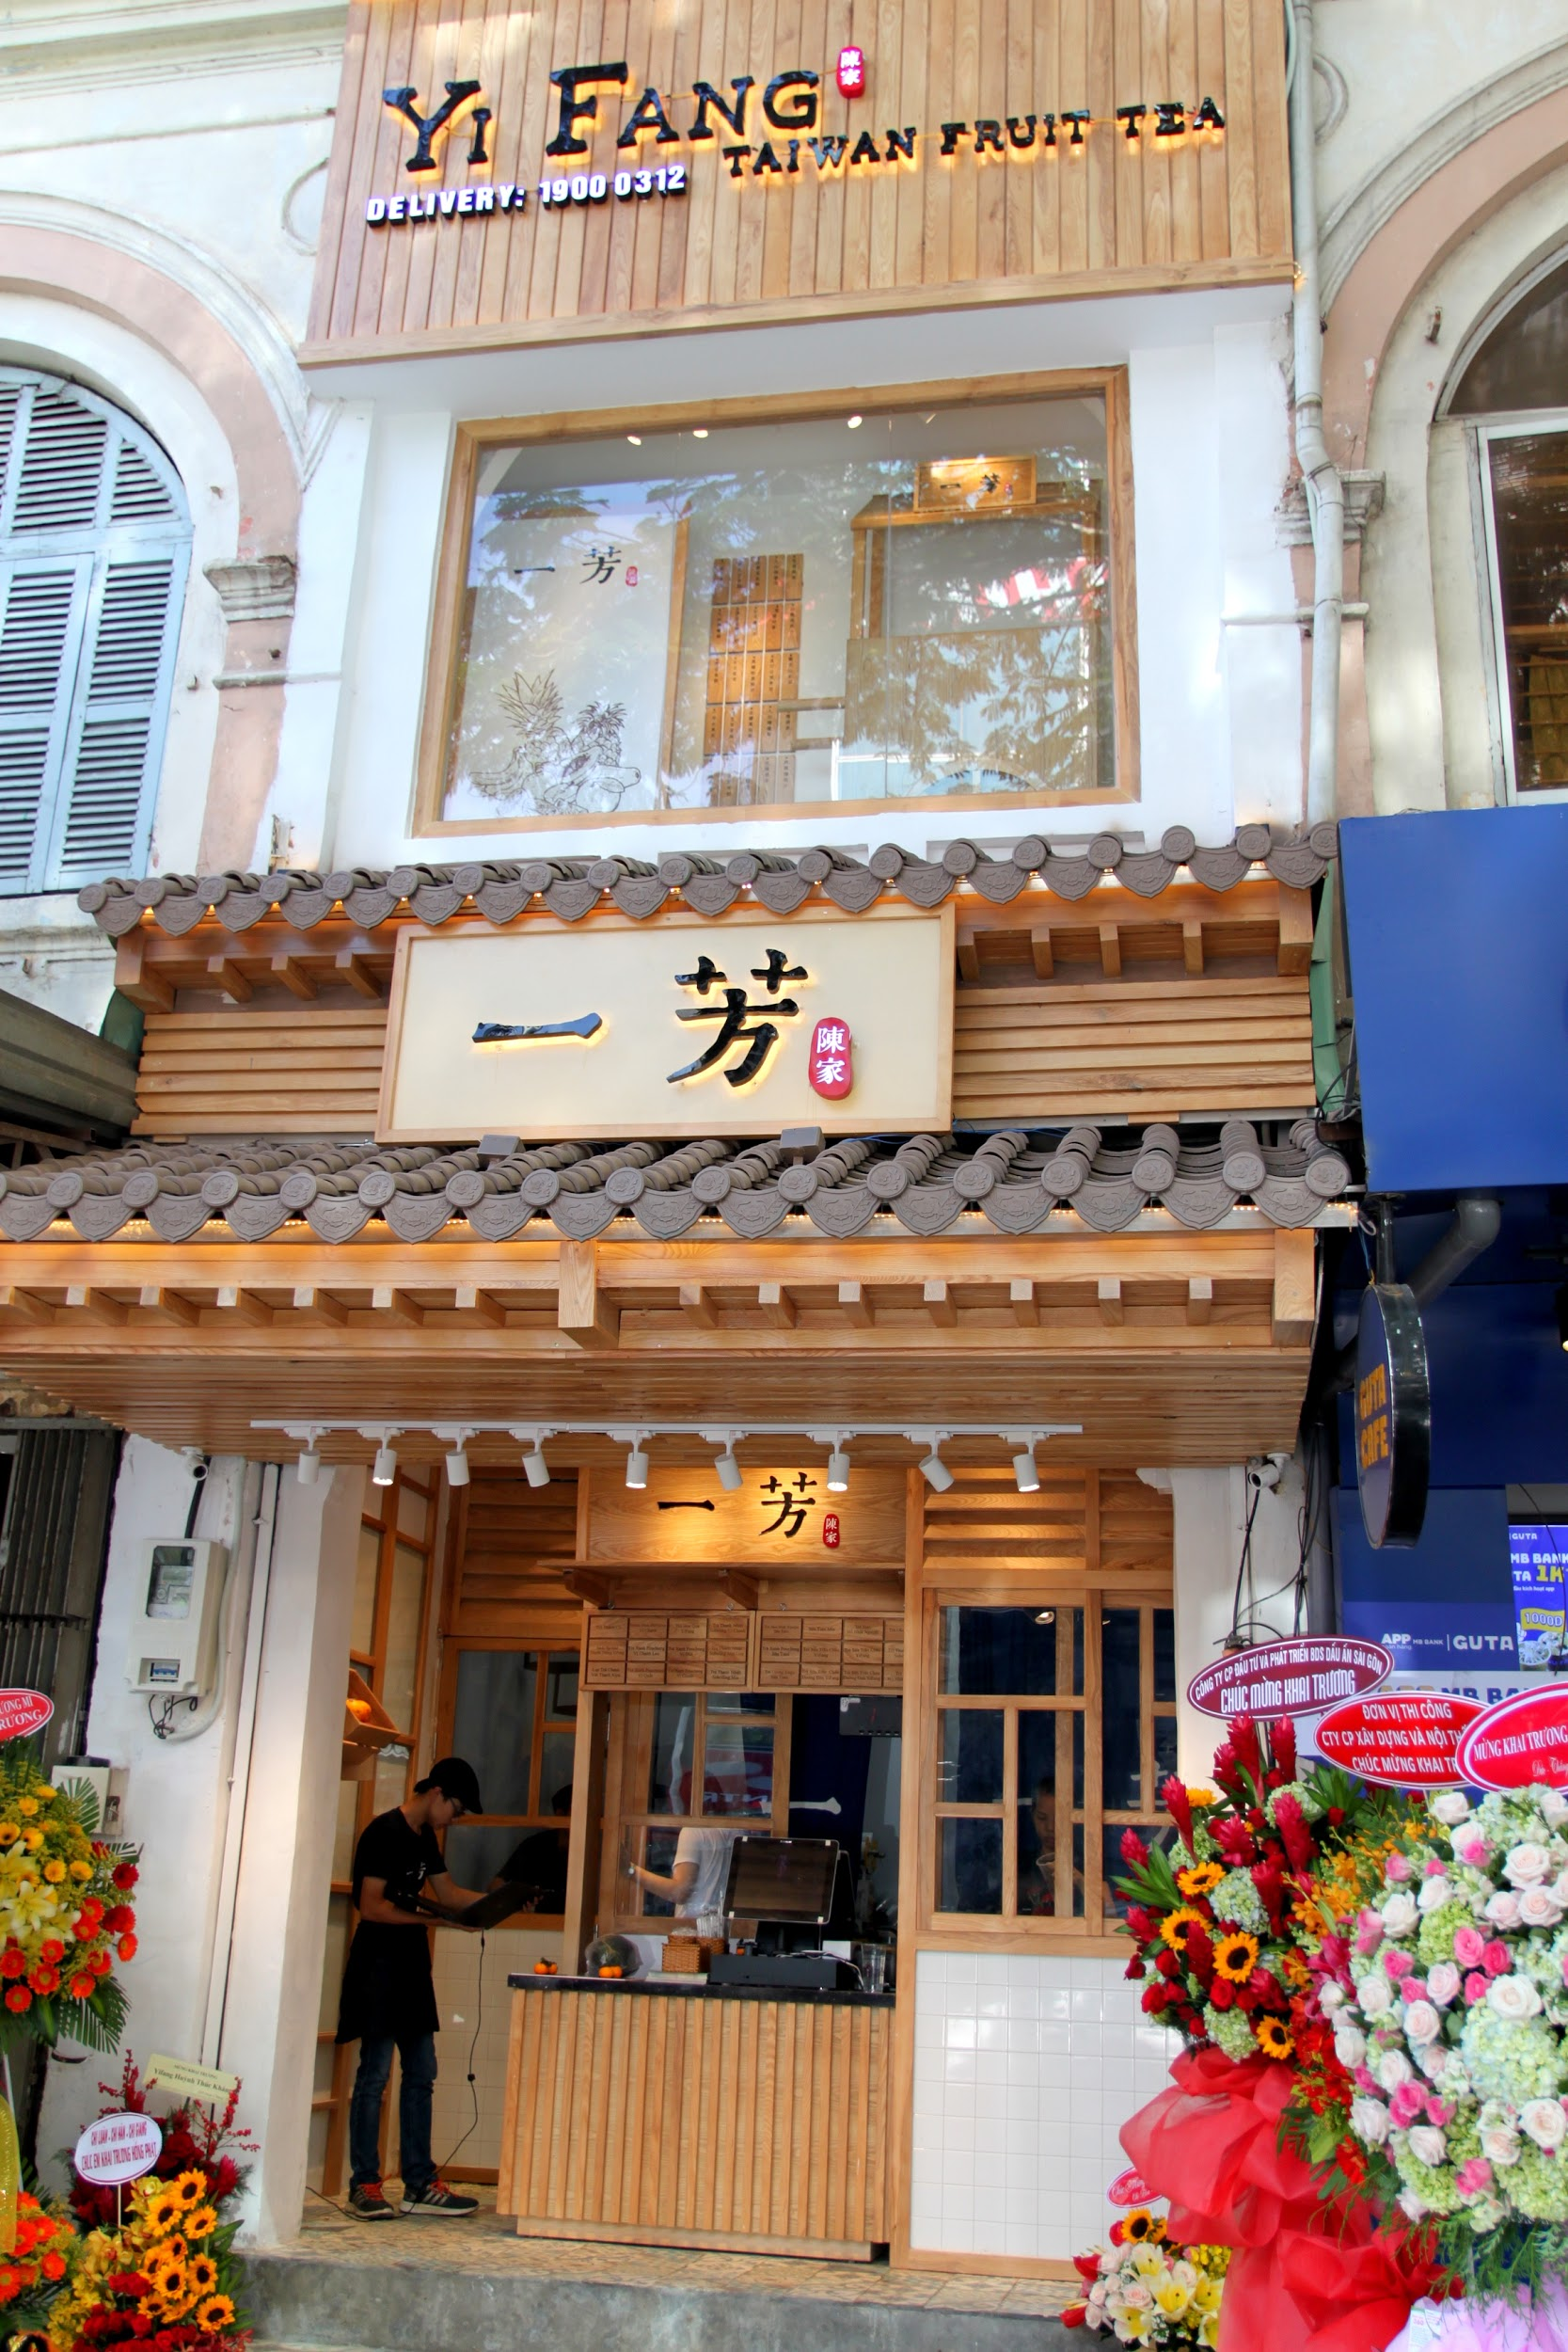 ''Xông đất'' Yifang ngay cạnh phố đi bộ Nguyễn Huệ - Ảnh 4.